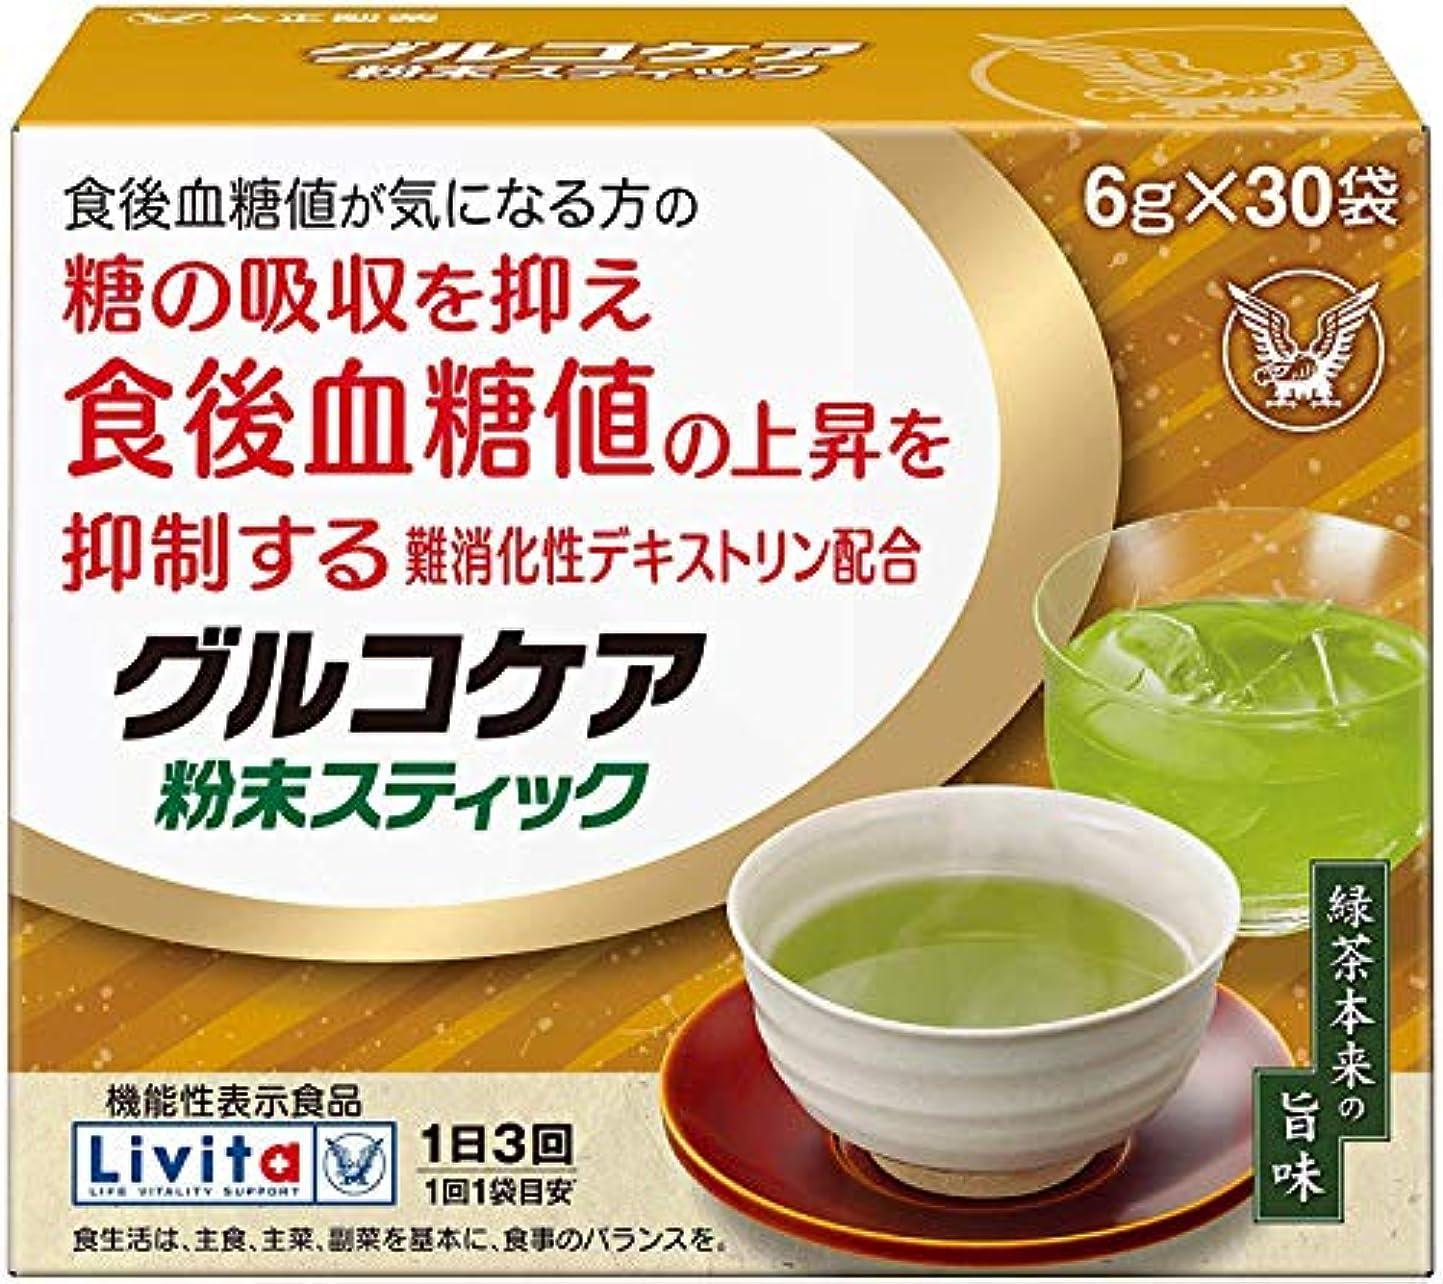 バッジ広告する矢印グルコケア 粉末スティック 180g(6g×30袋)×2個【機能性表示食品】